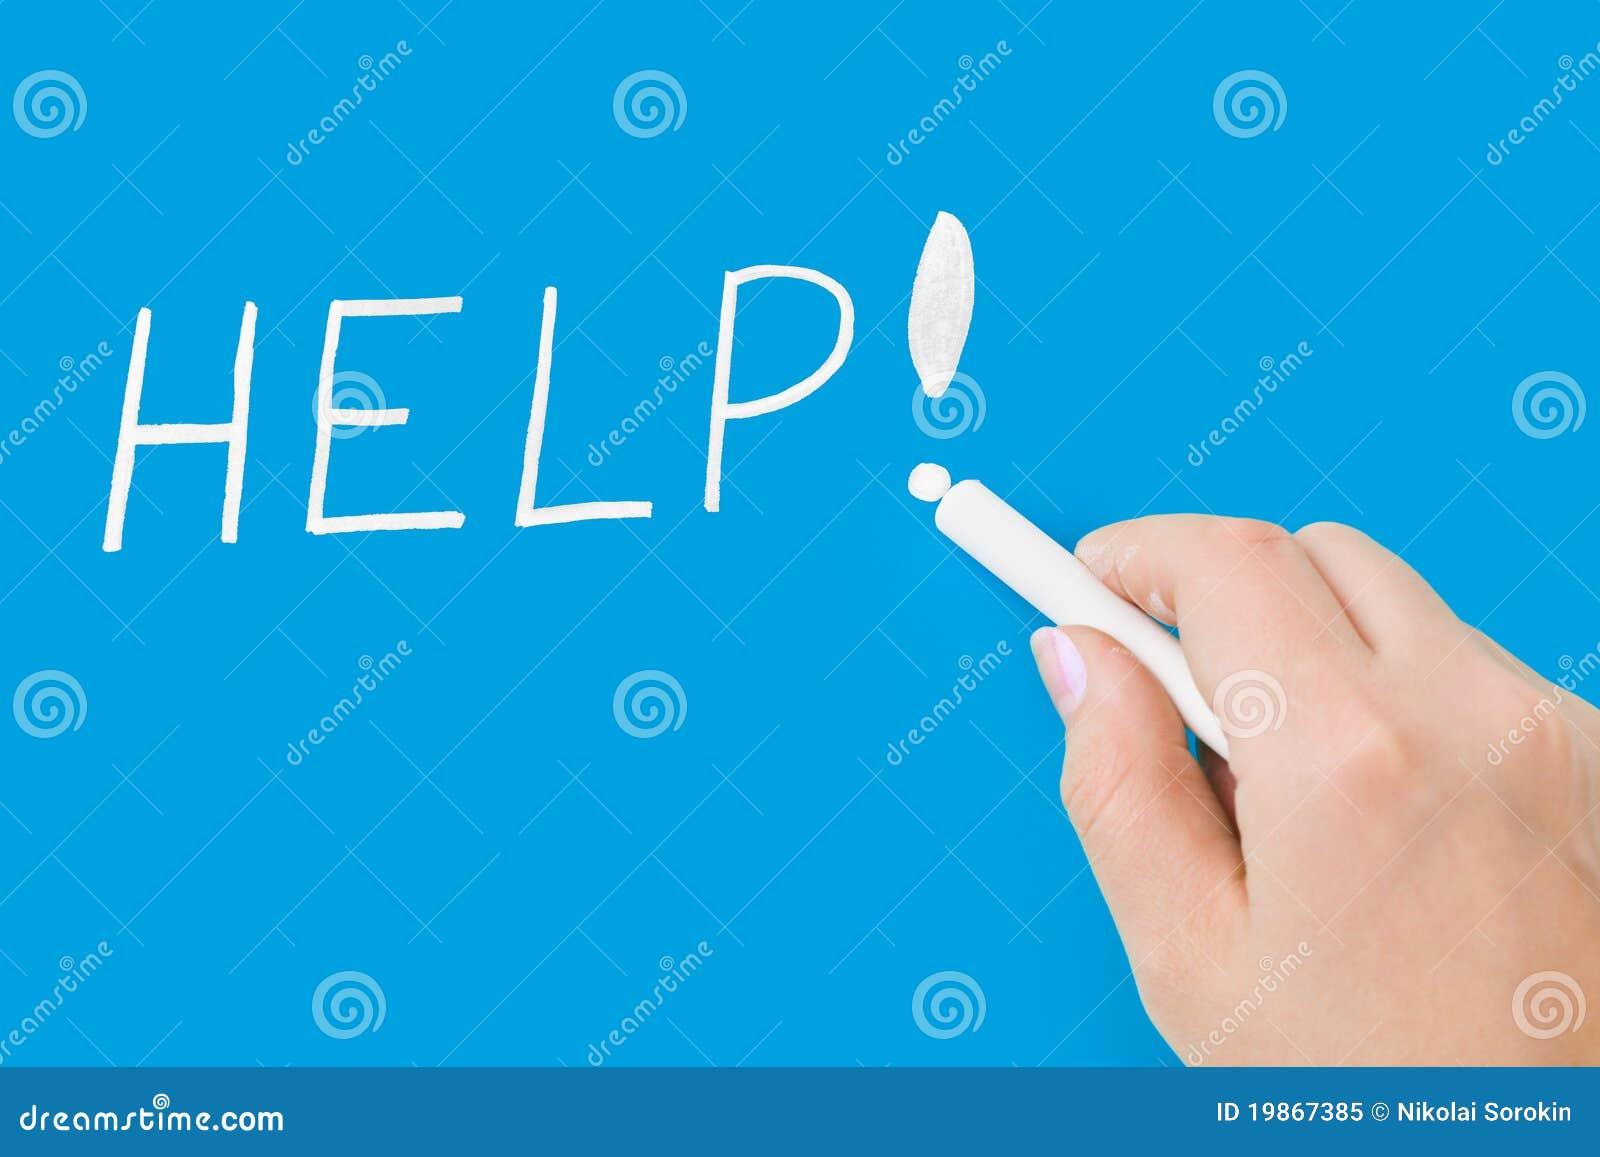 Need help brainstorming essay?